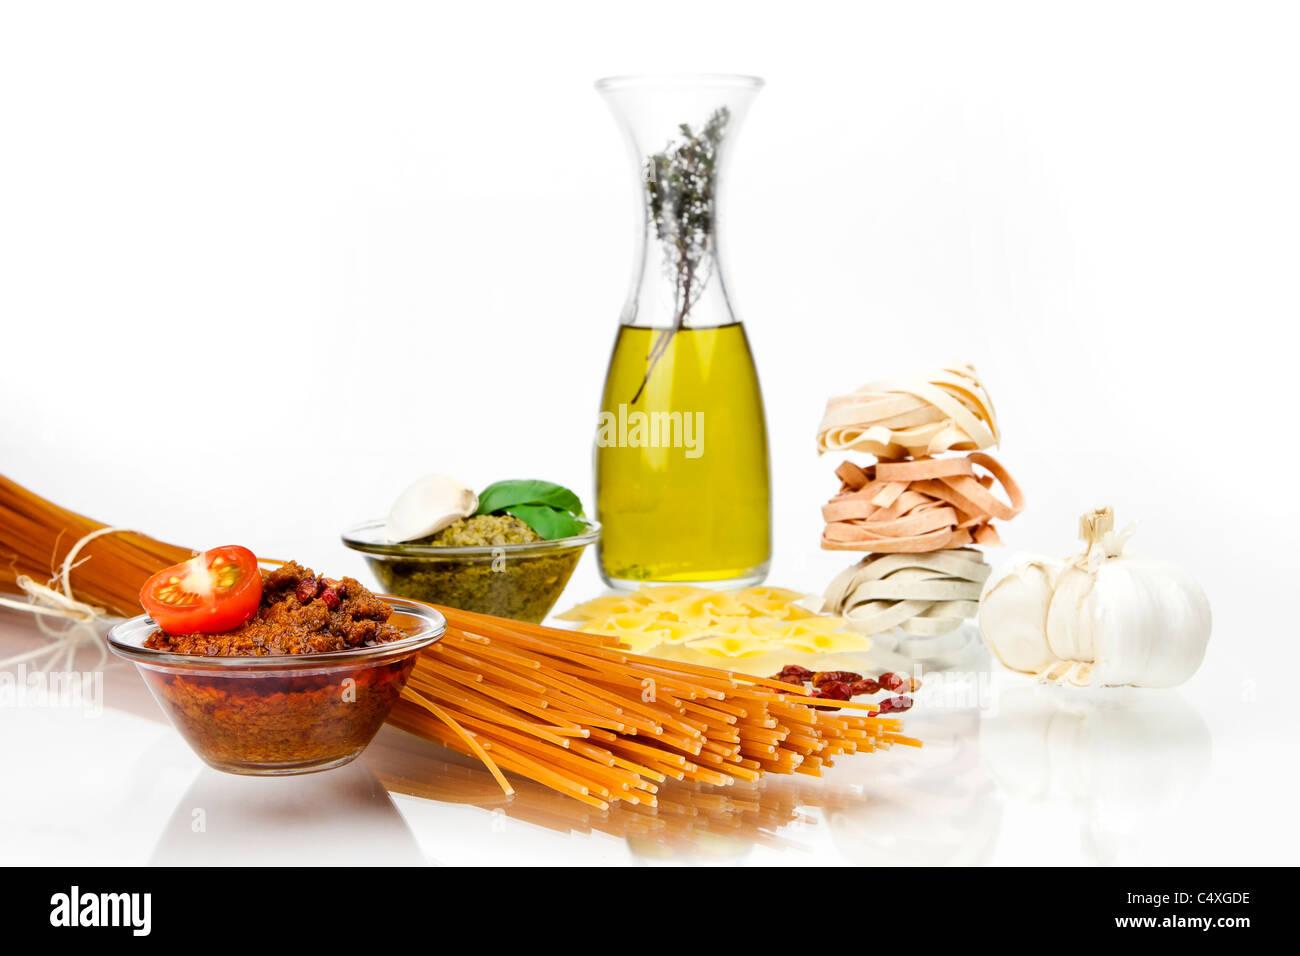 Diferentes tipos de pasta con pesto dos variedades diferentes Imagen De Stock